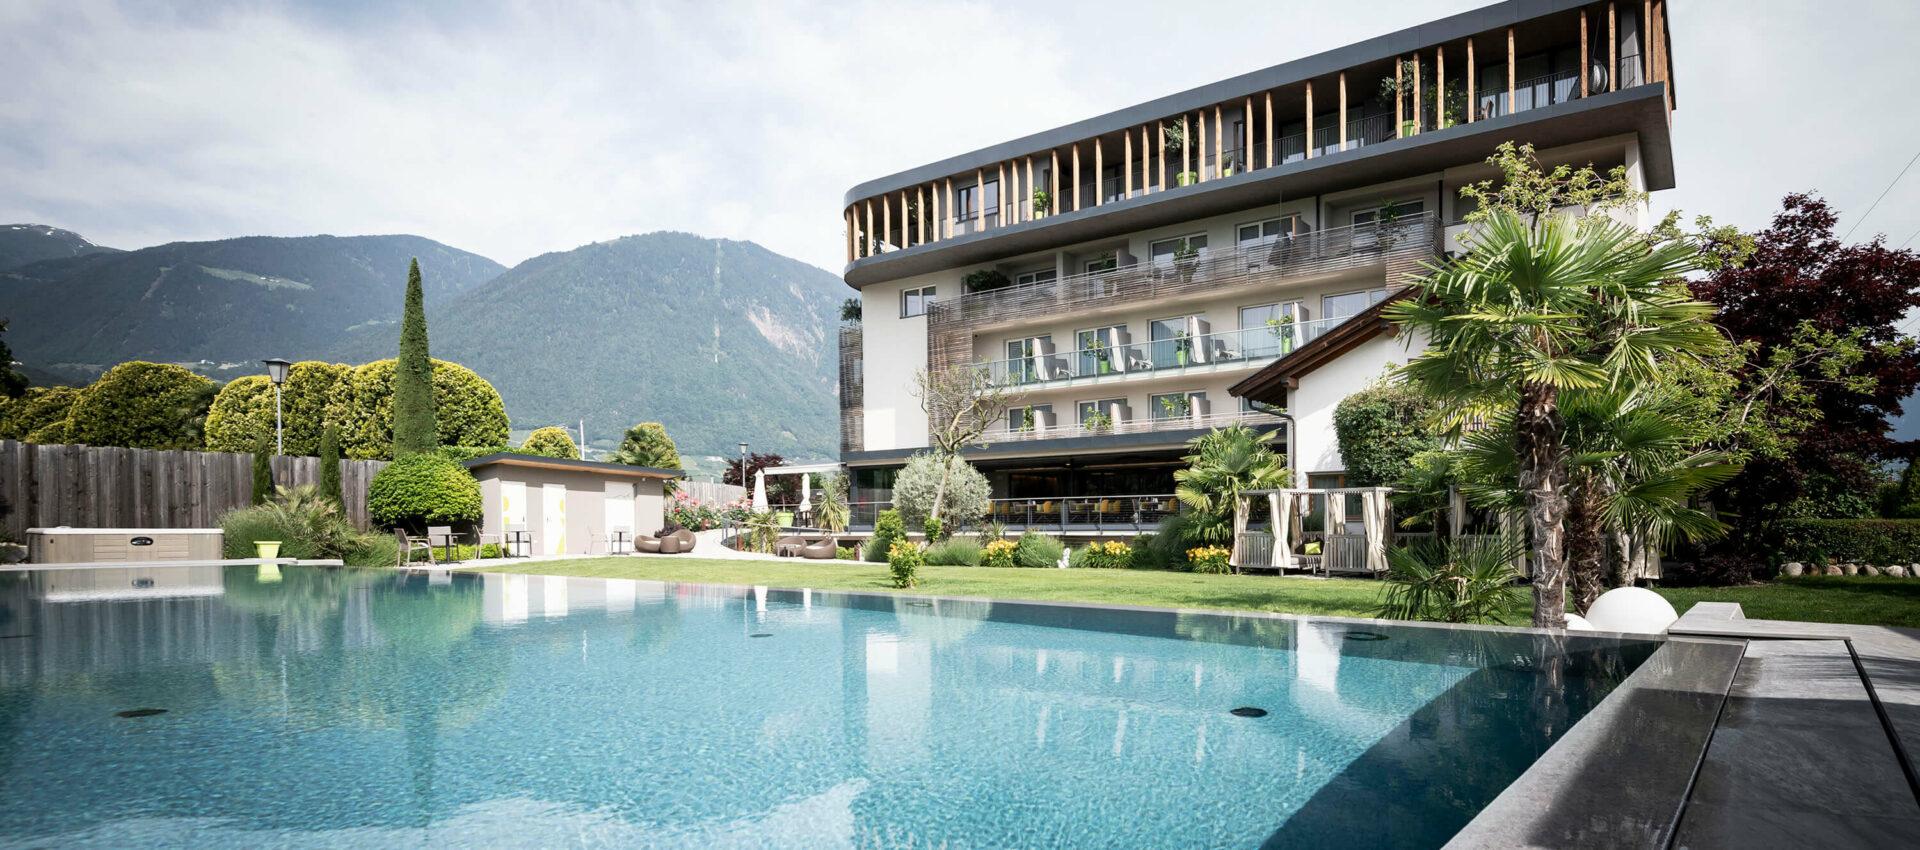 Wellnesshotel mit Pool bei Meran, mitten in Apfelwiesen im Meraner Land, Südtirol